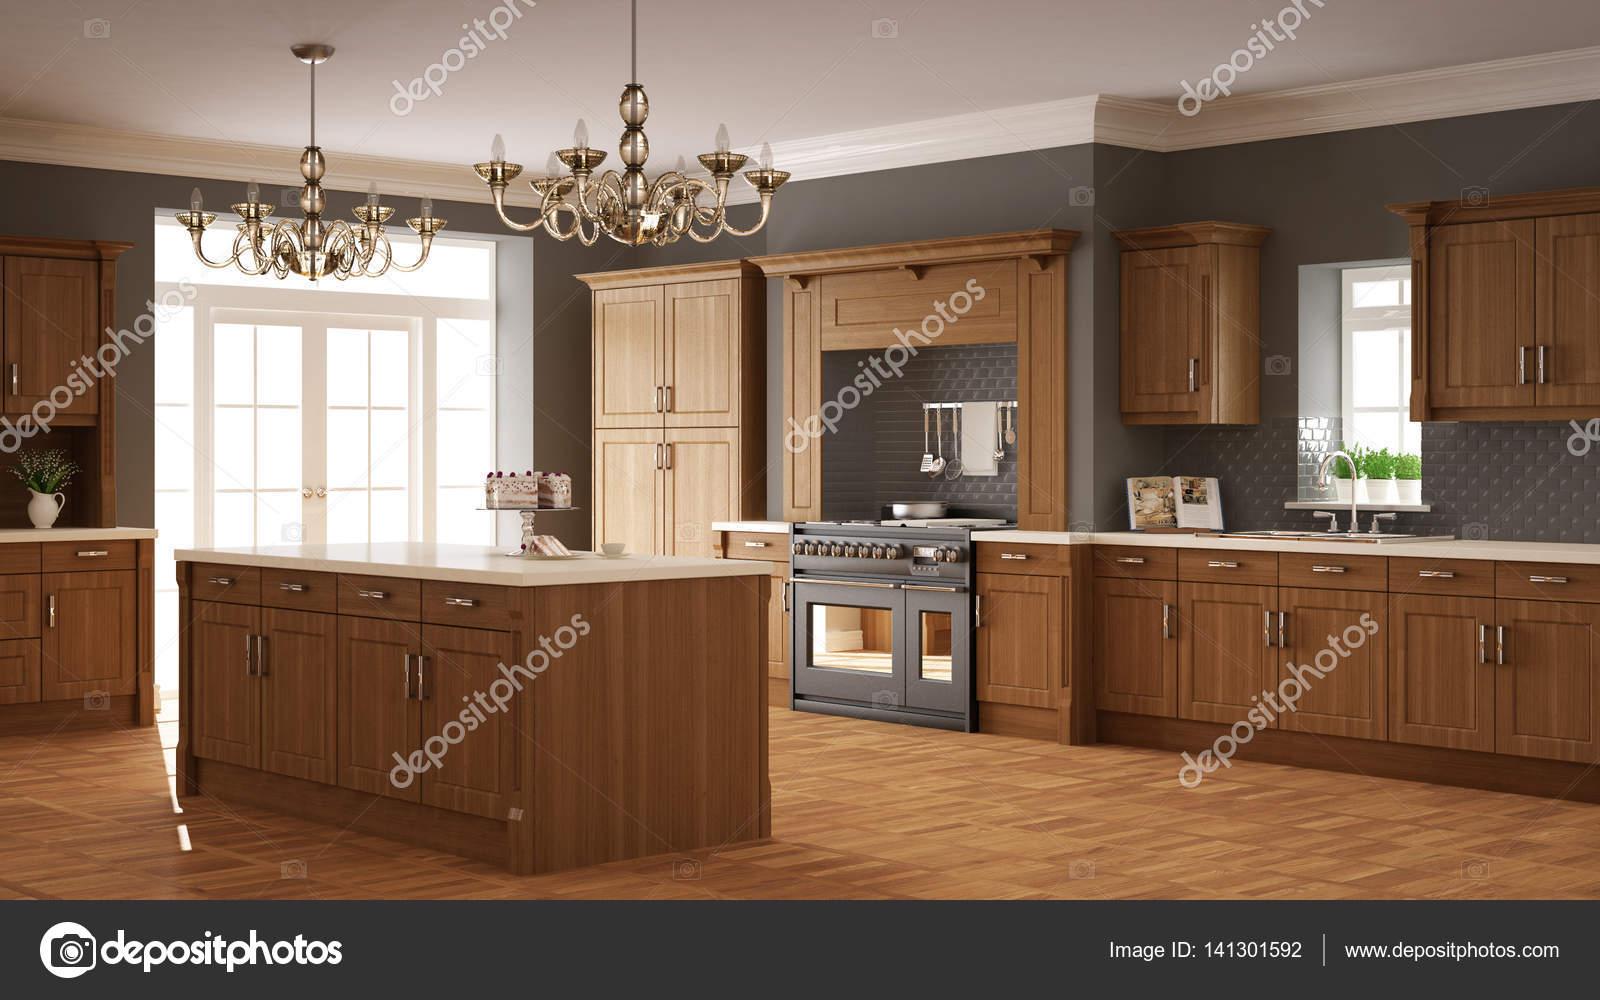 Cocina Clasica Diseno Interior Elegante Con Detalles De Madera - Cocina-clasica